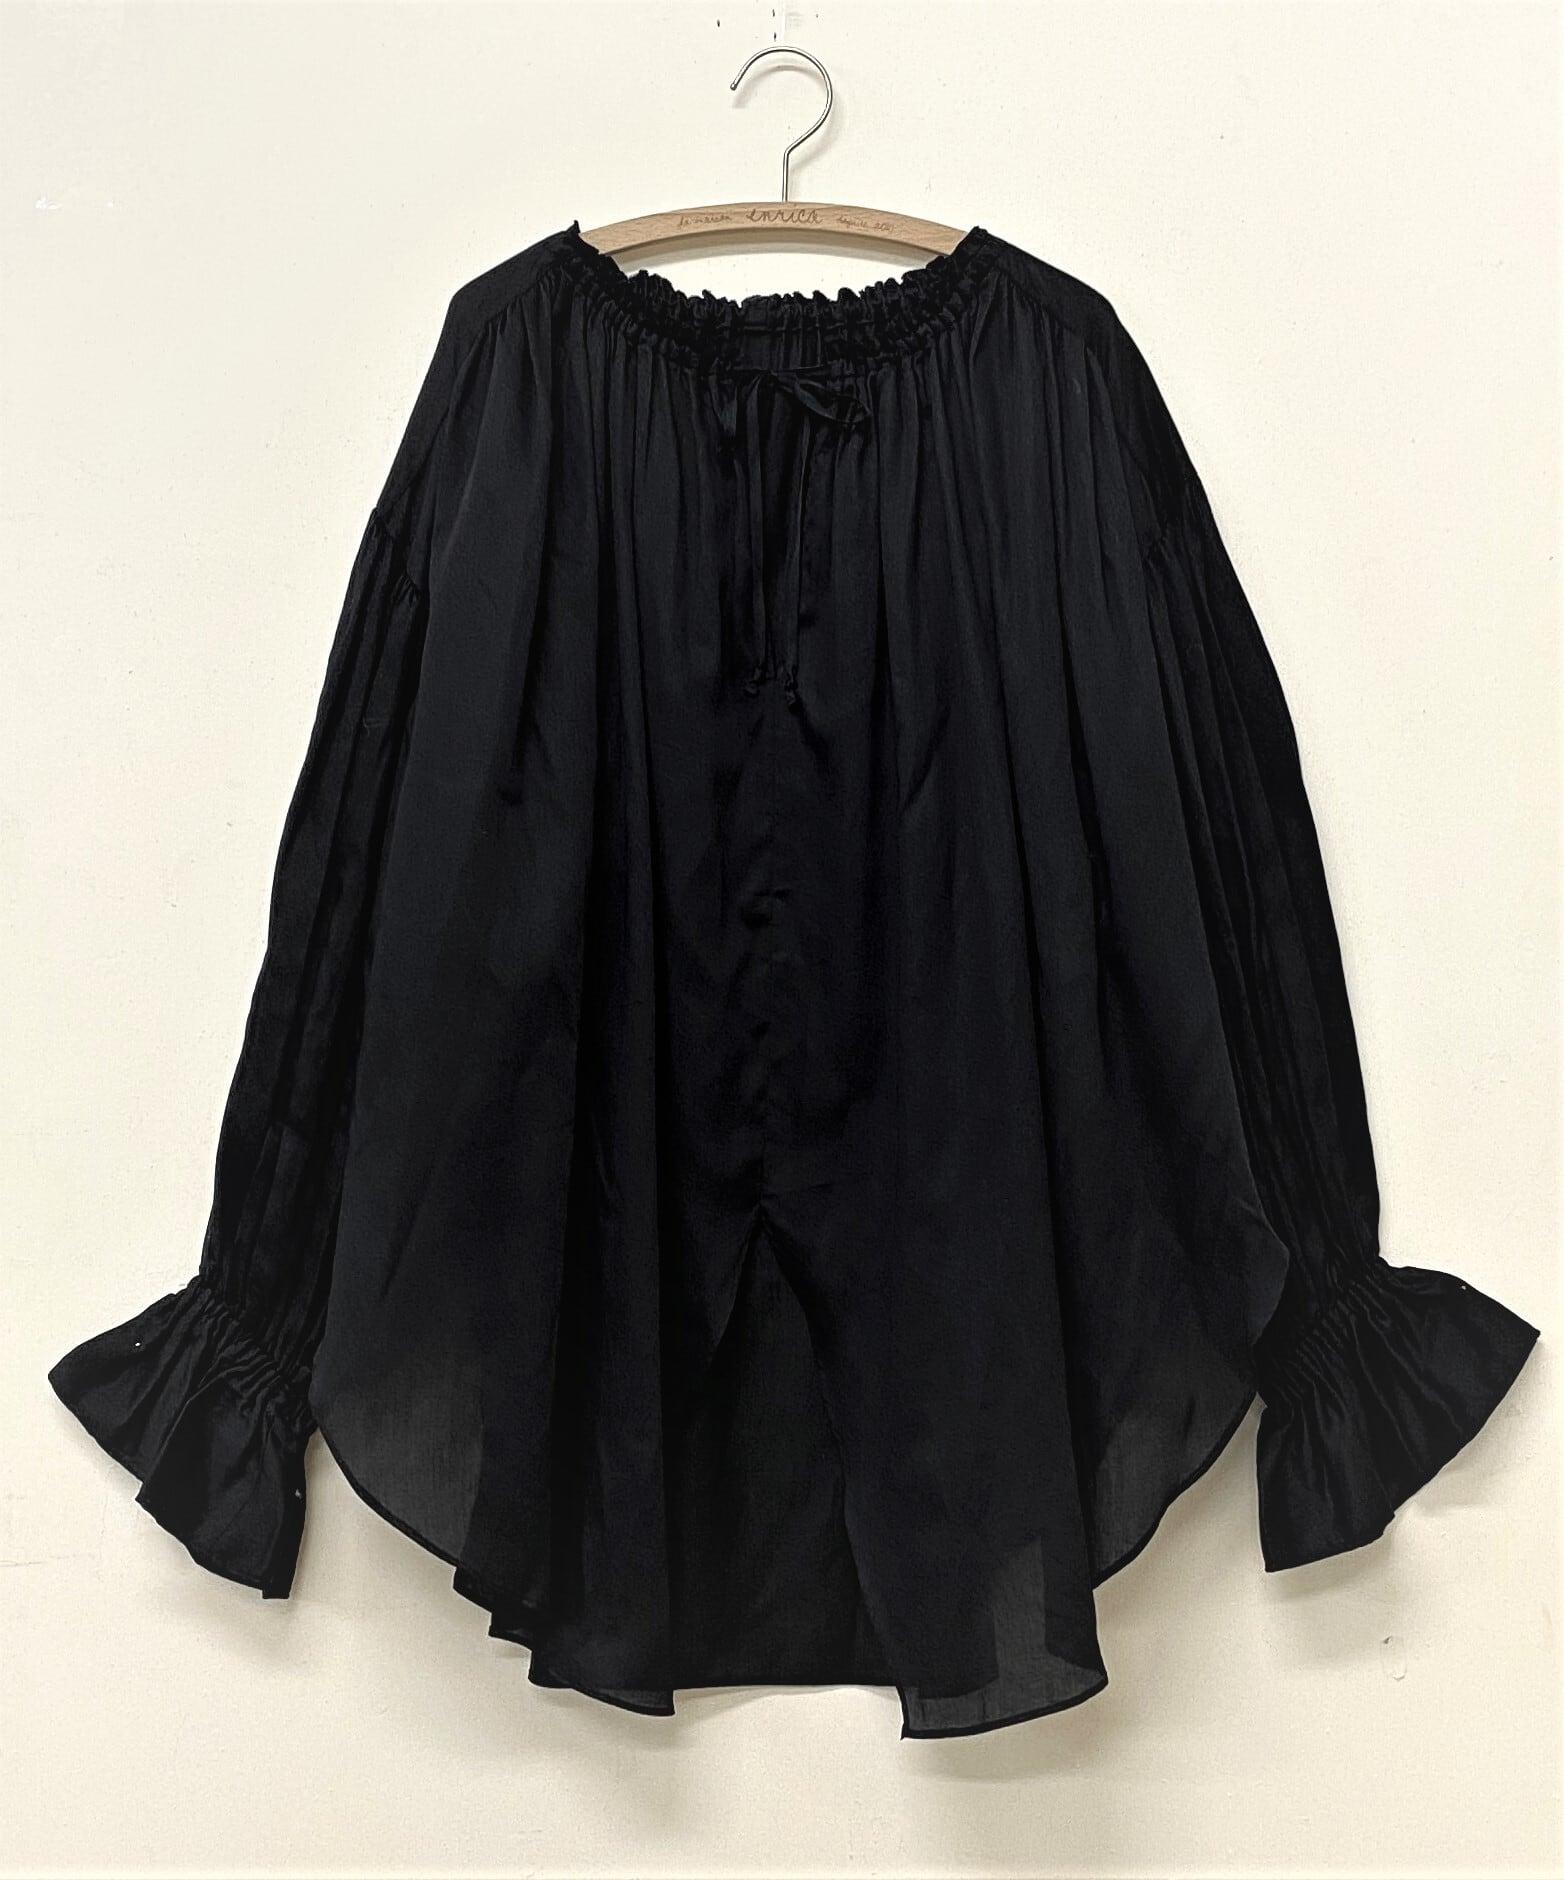 綿サテンのボリュームスリーブ ブラウス LOGWOOD-BLACK(ログウッド染め)